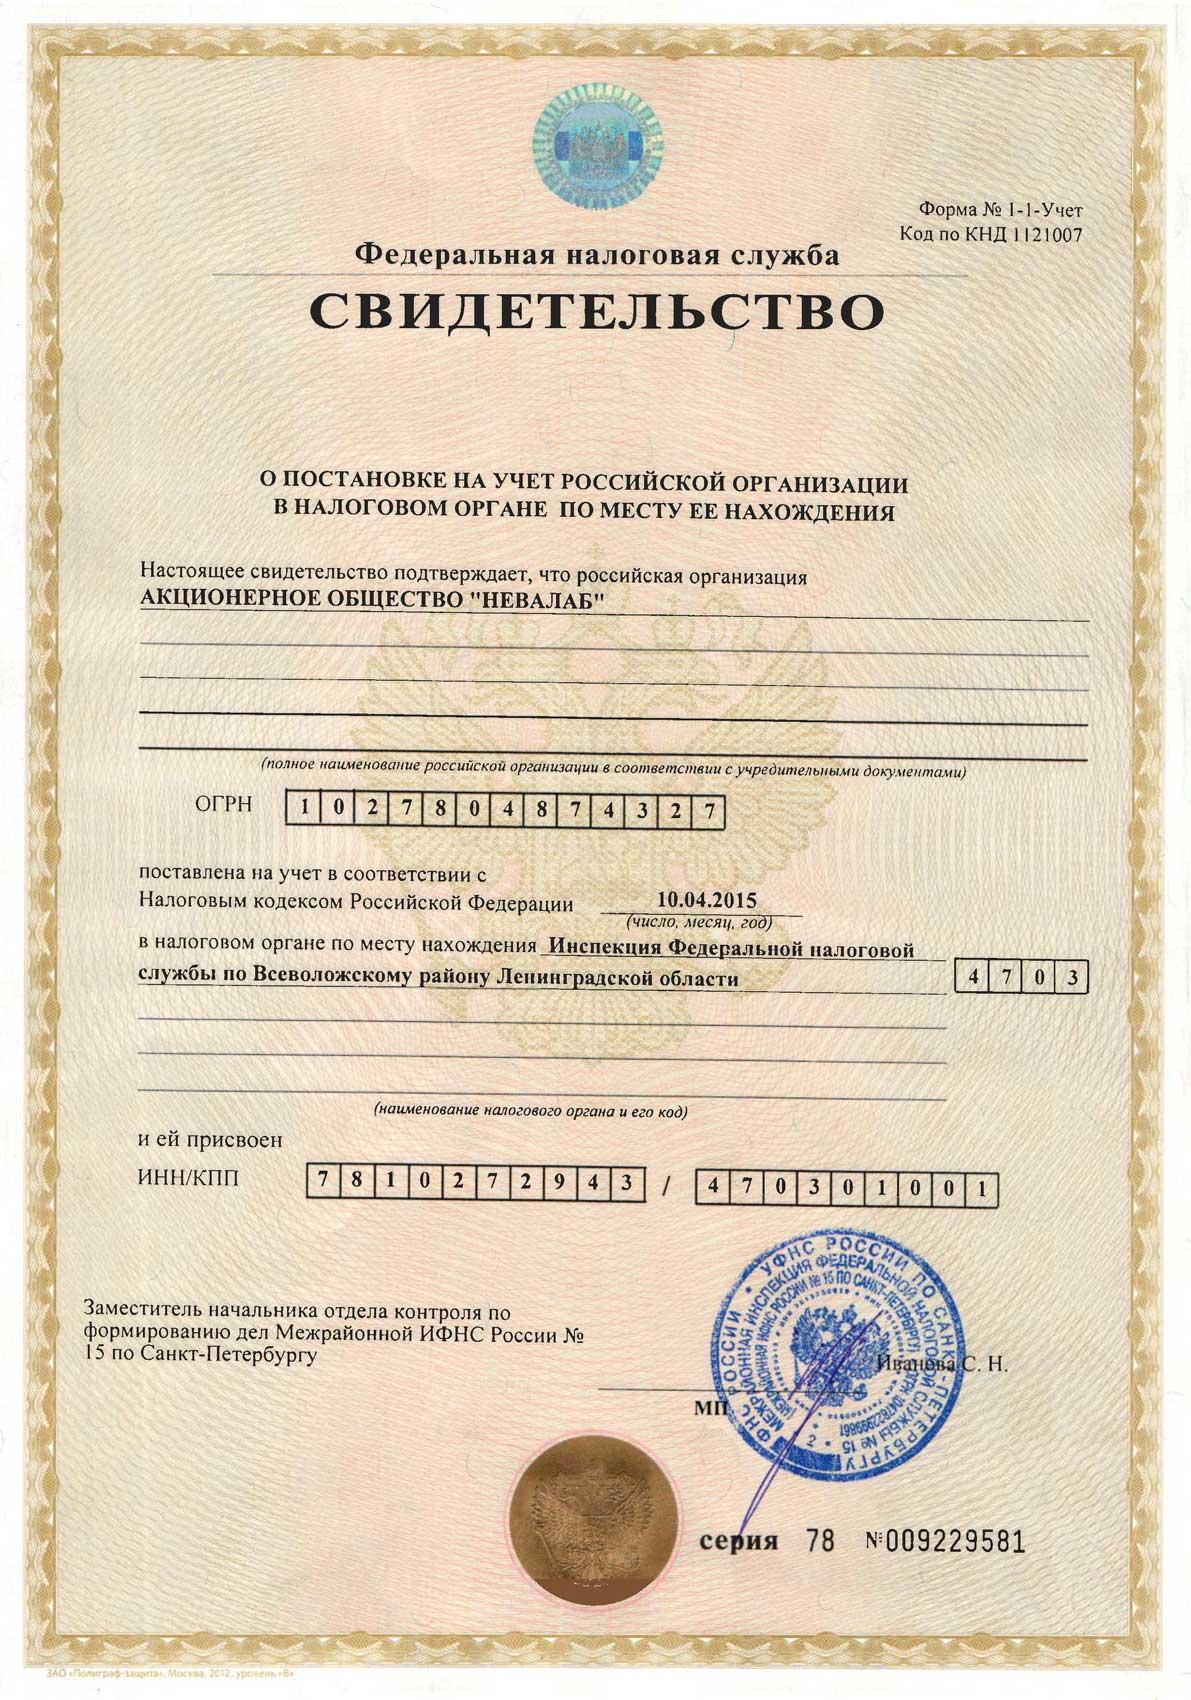 Свидетельство о постановке на учет в налоговой инспекции ИНН 2015